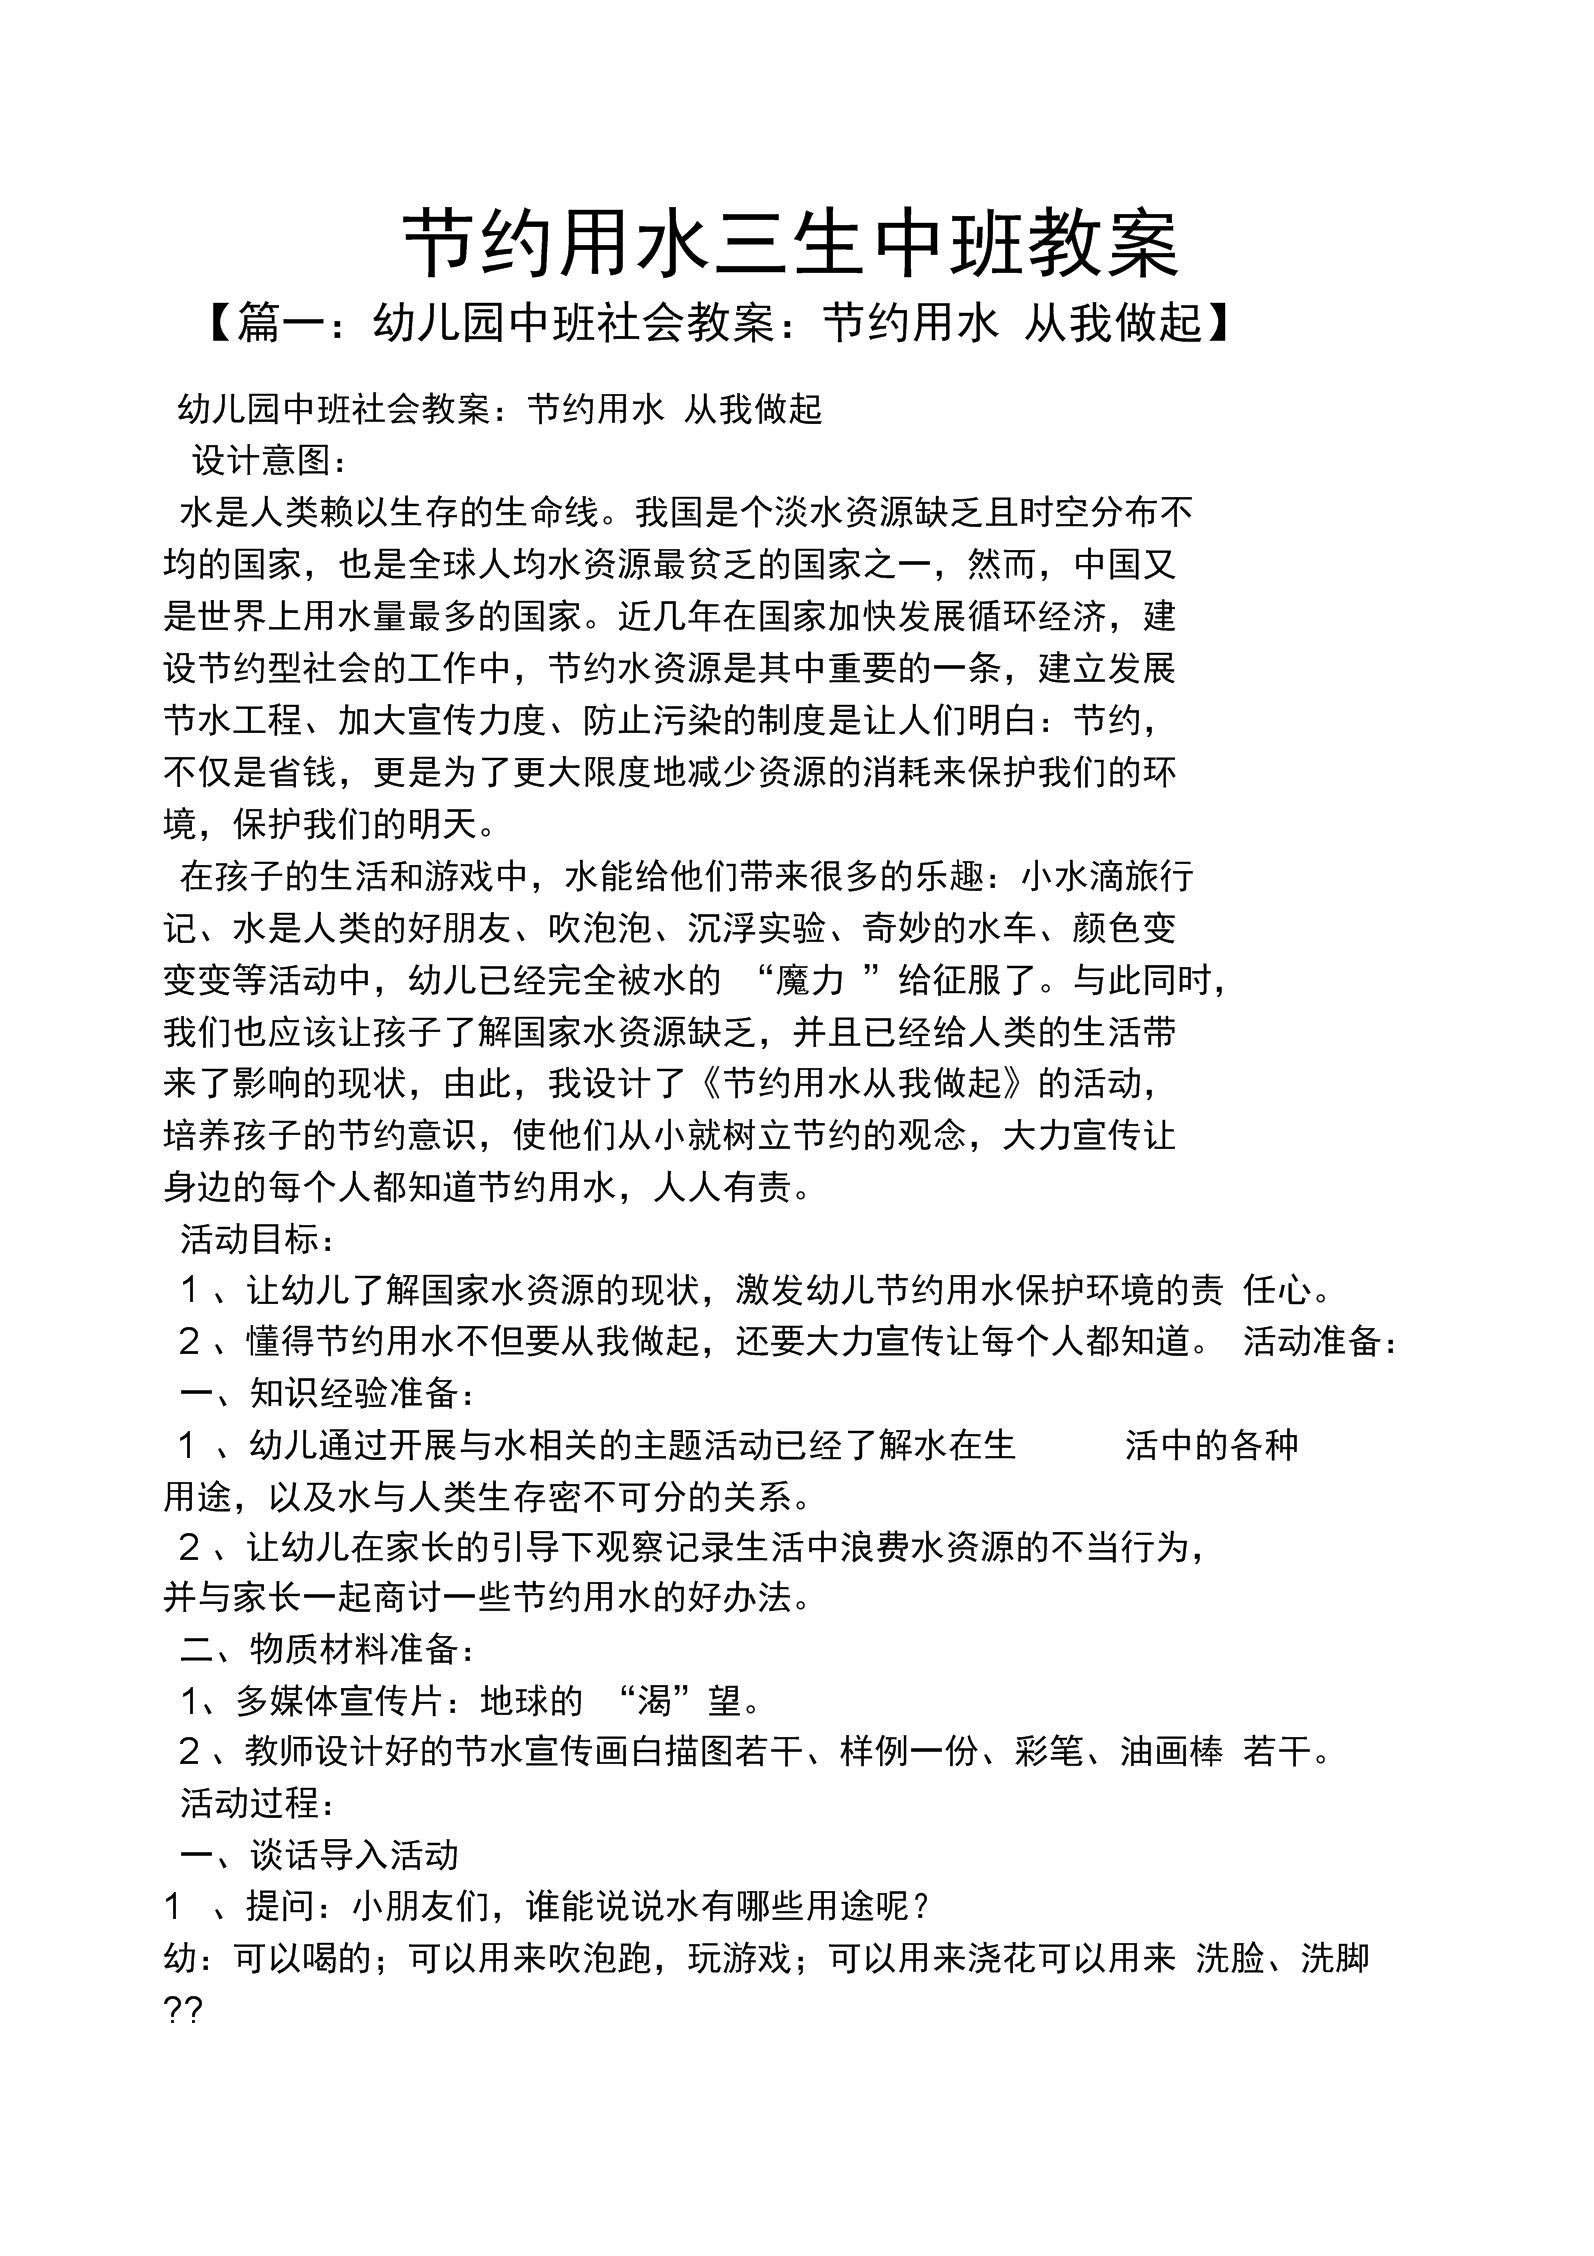 節約用水三生中班教案.docx